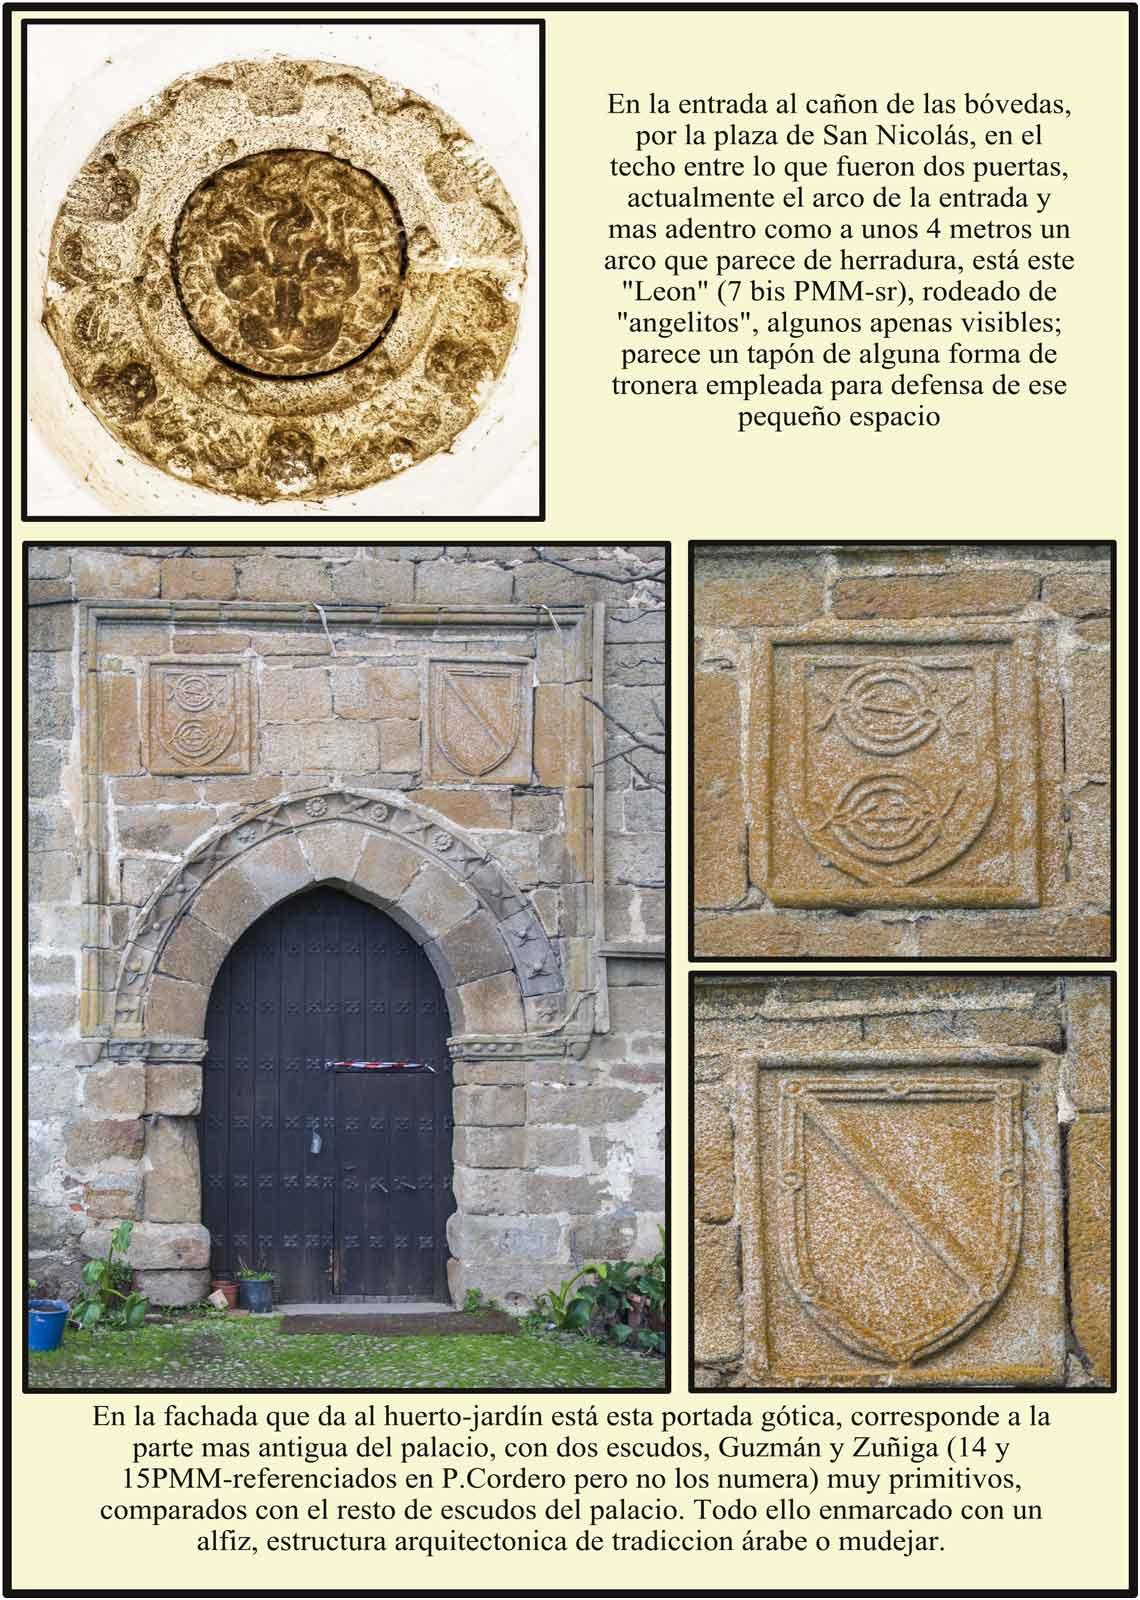 Portada gotica primitiva del Palacio del Marqués de Mirabel con escudos